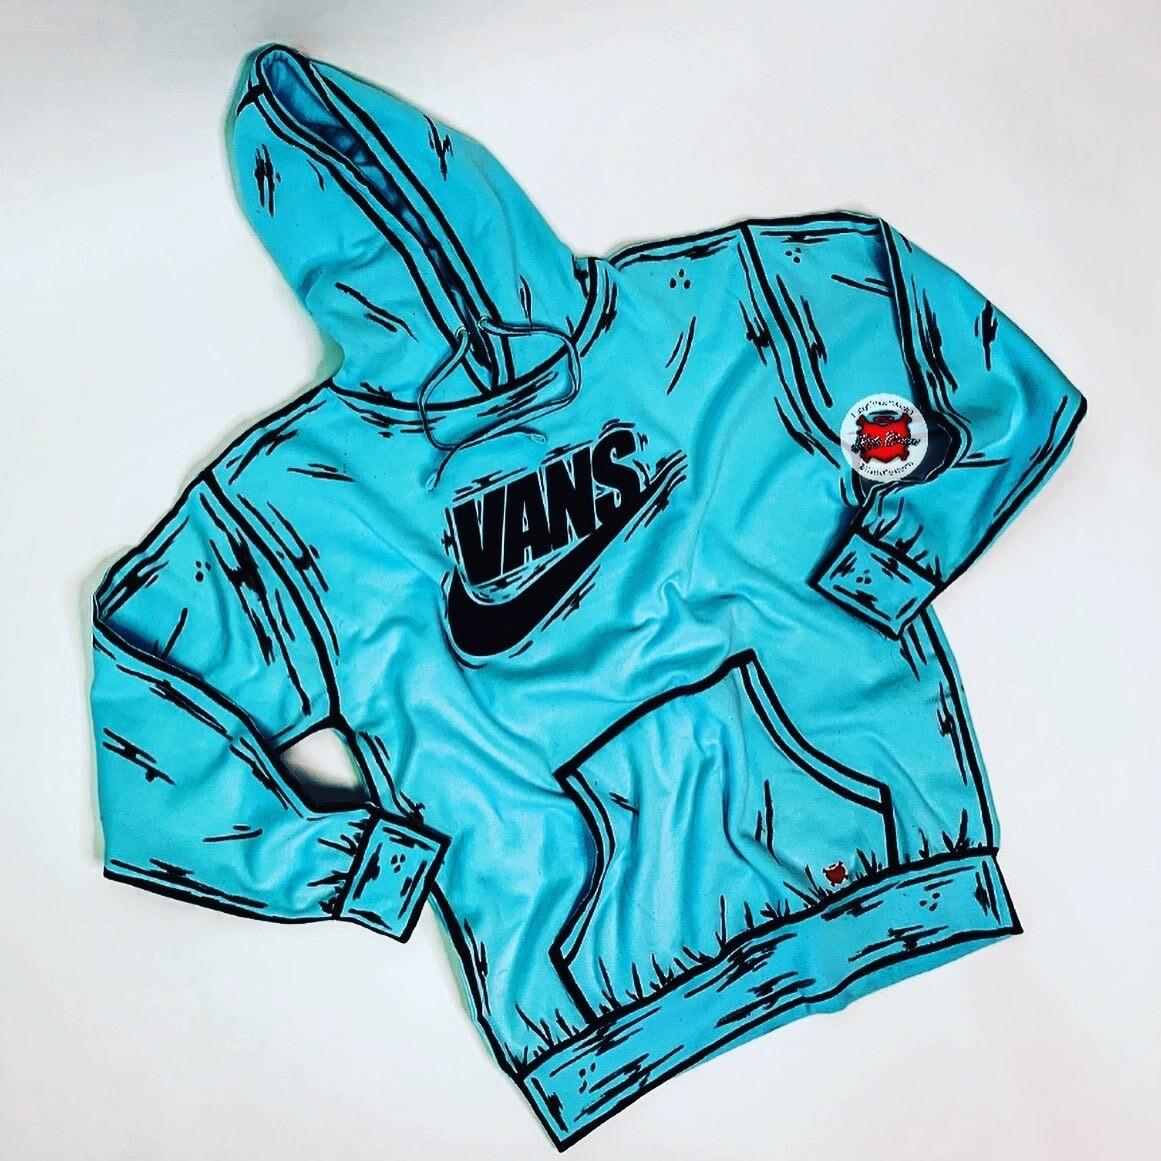 VANS/NIKE Cartoon Hooded Sweater